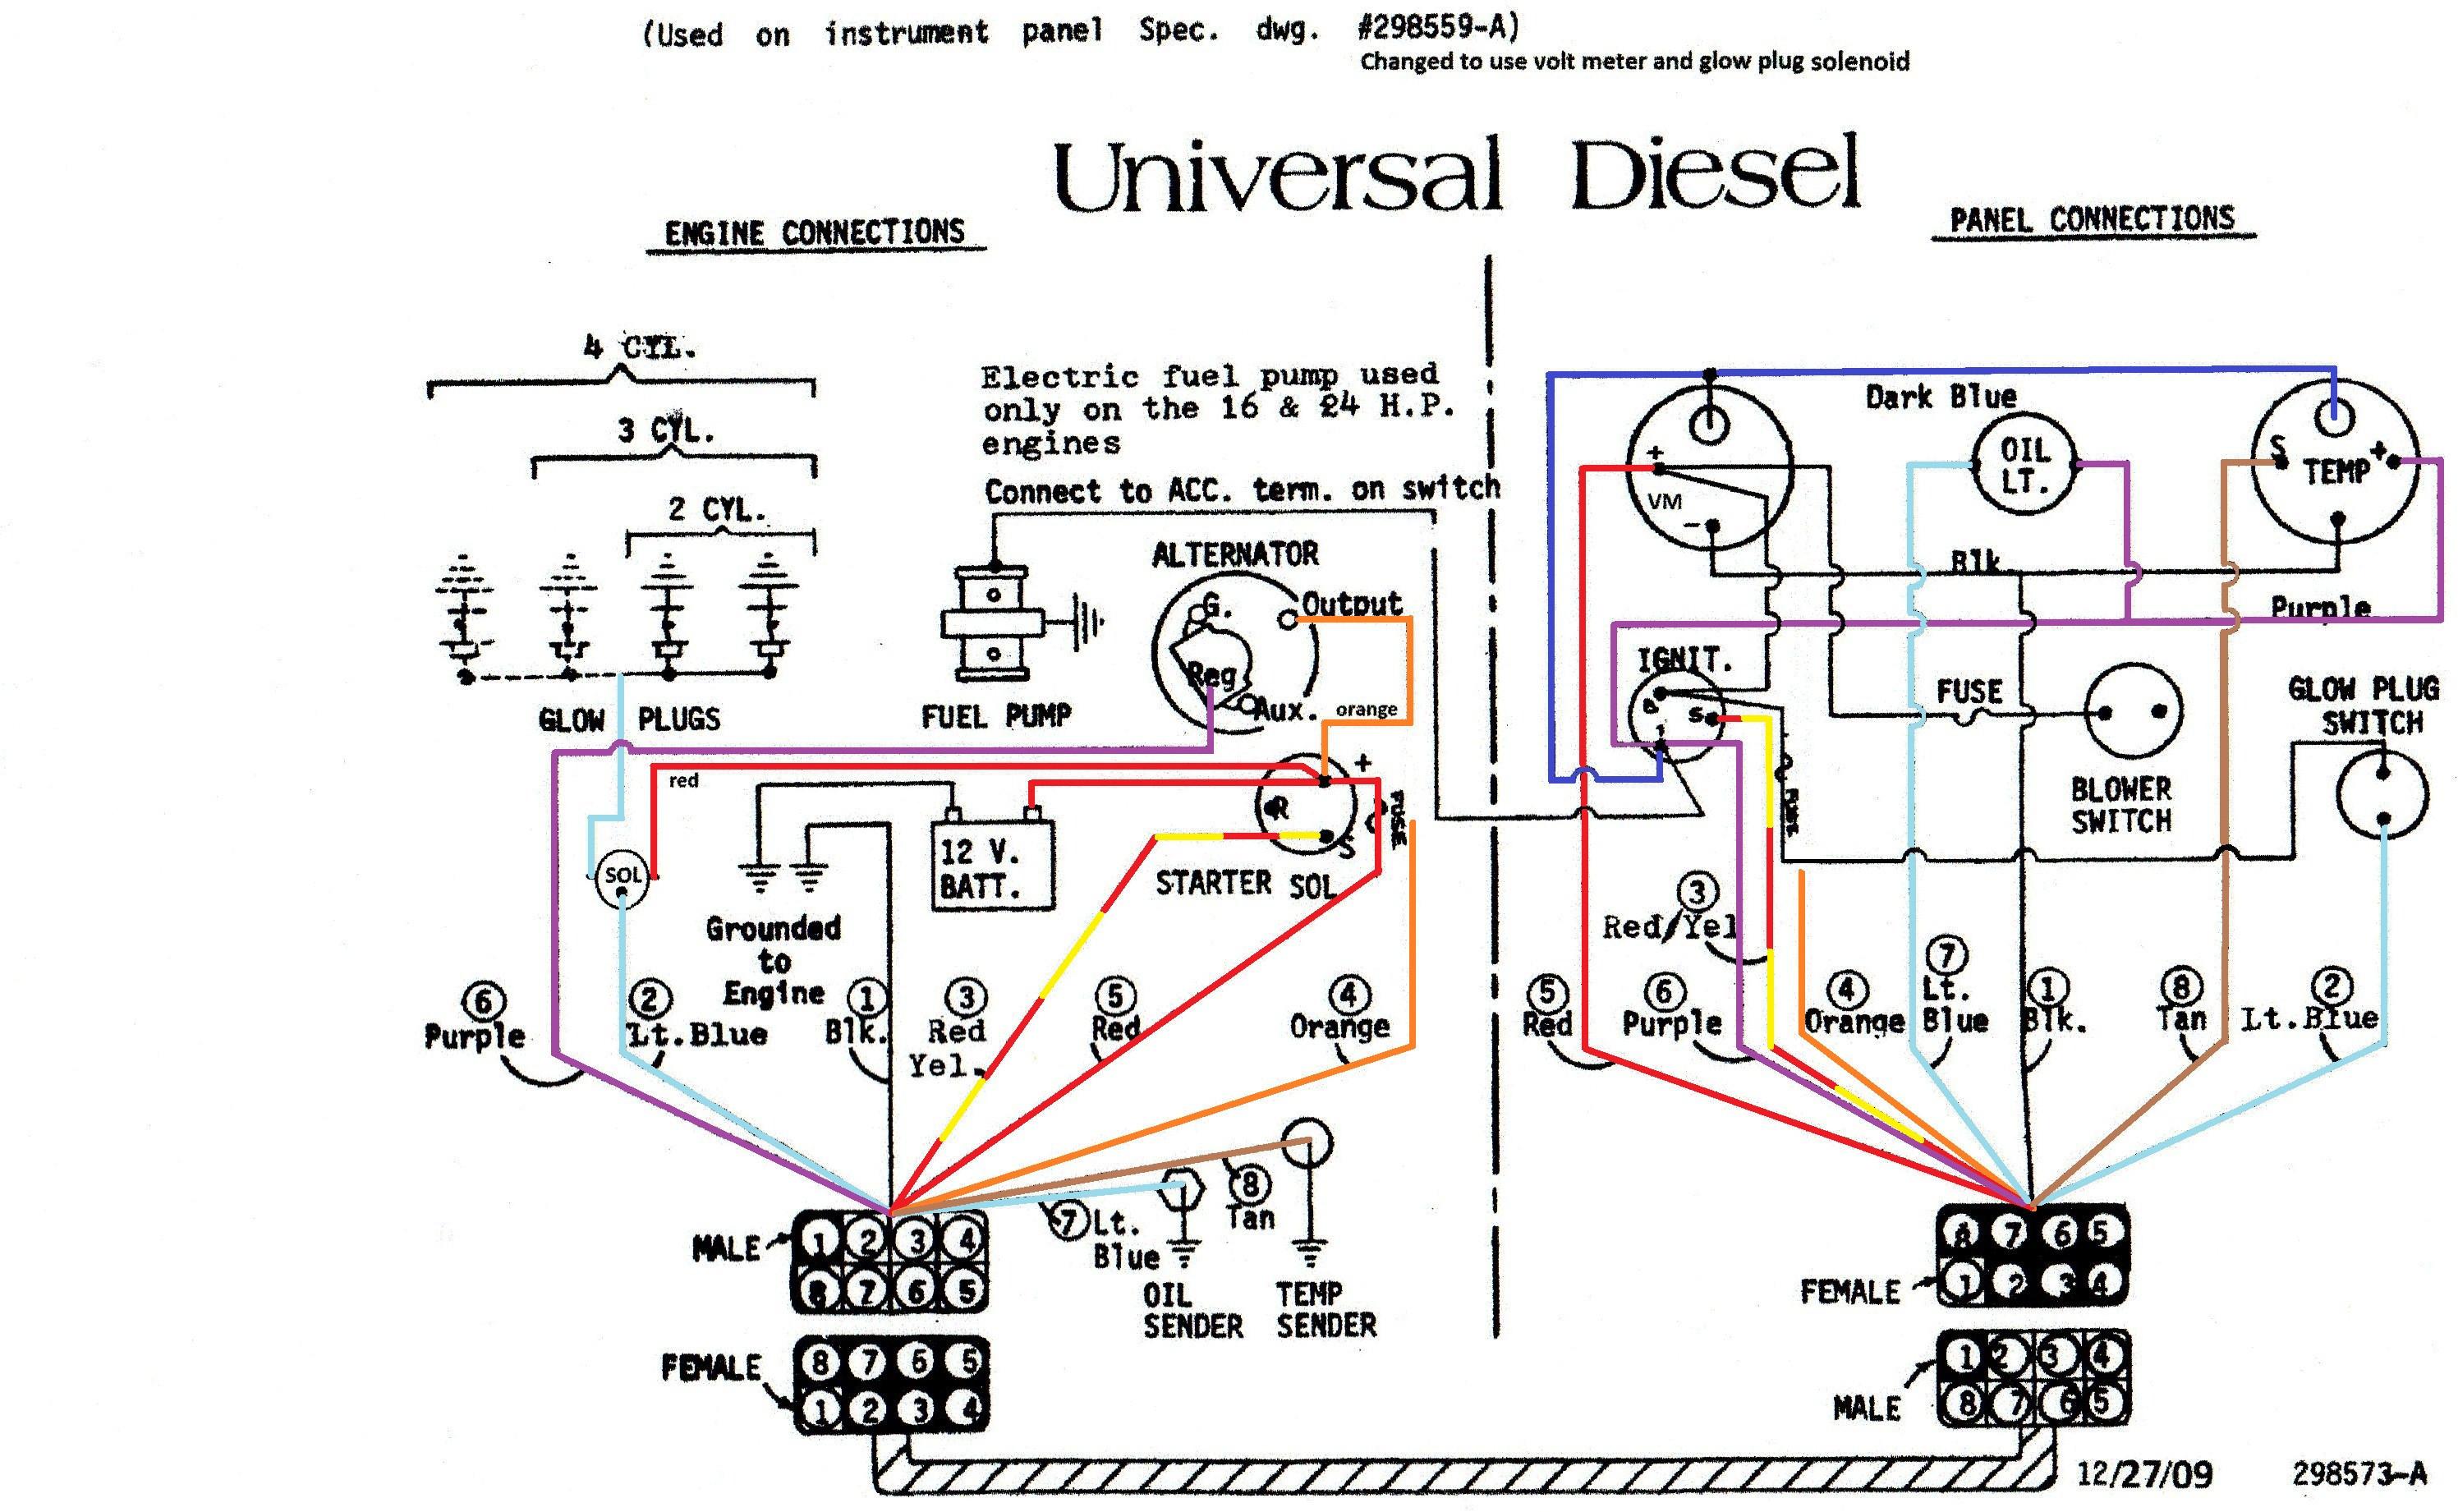 2000 7.3 Glow Plug Relay Wiring Diagram Best Of Discovery Glow Plug - 7.3 Glow Plug Relay Wiring Diagram